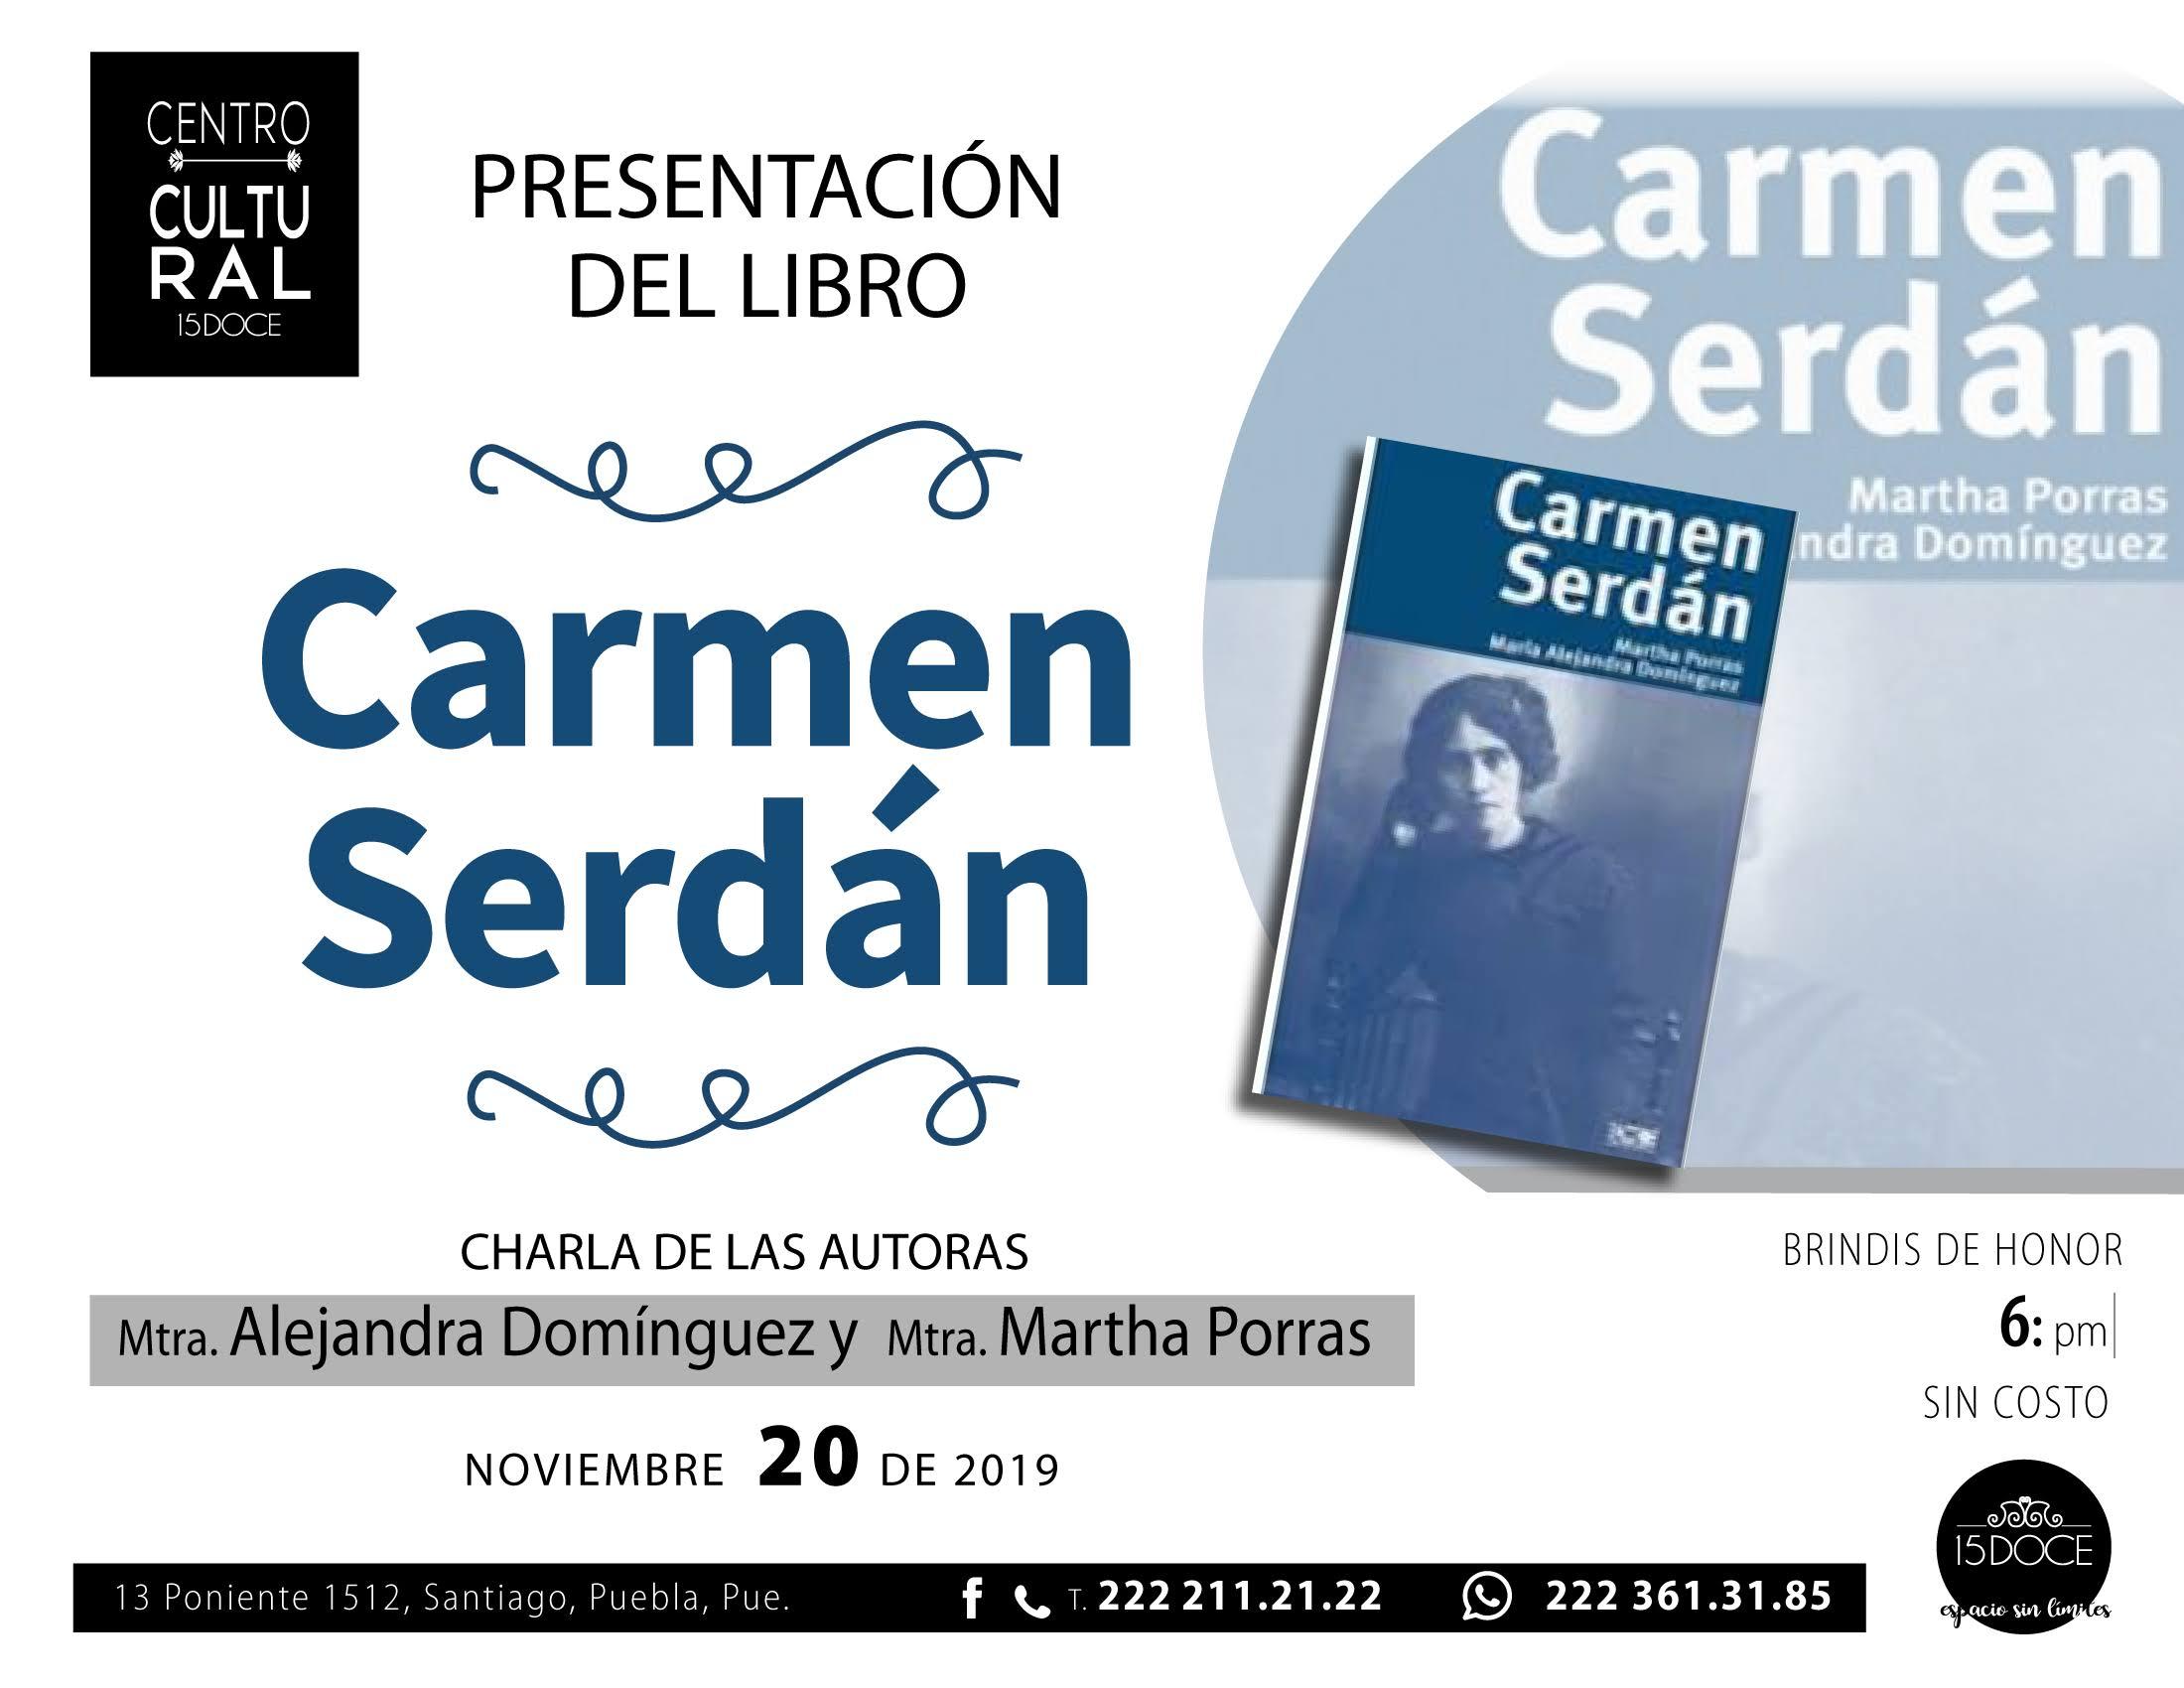 15 DOCE libro Carmen Serdán_20 noviembre